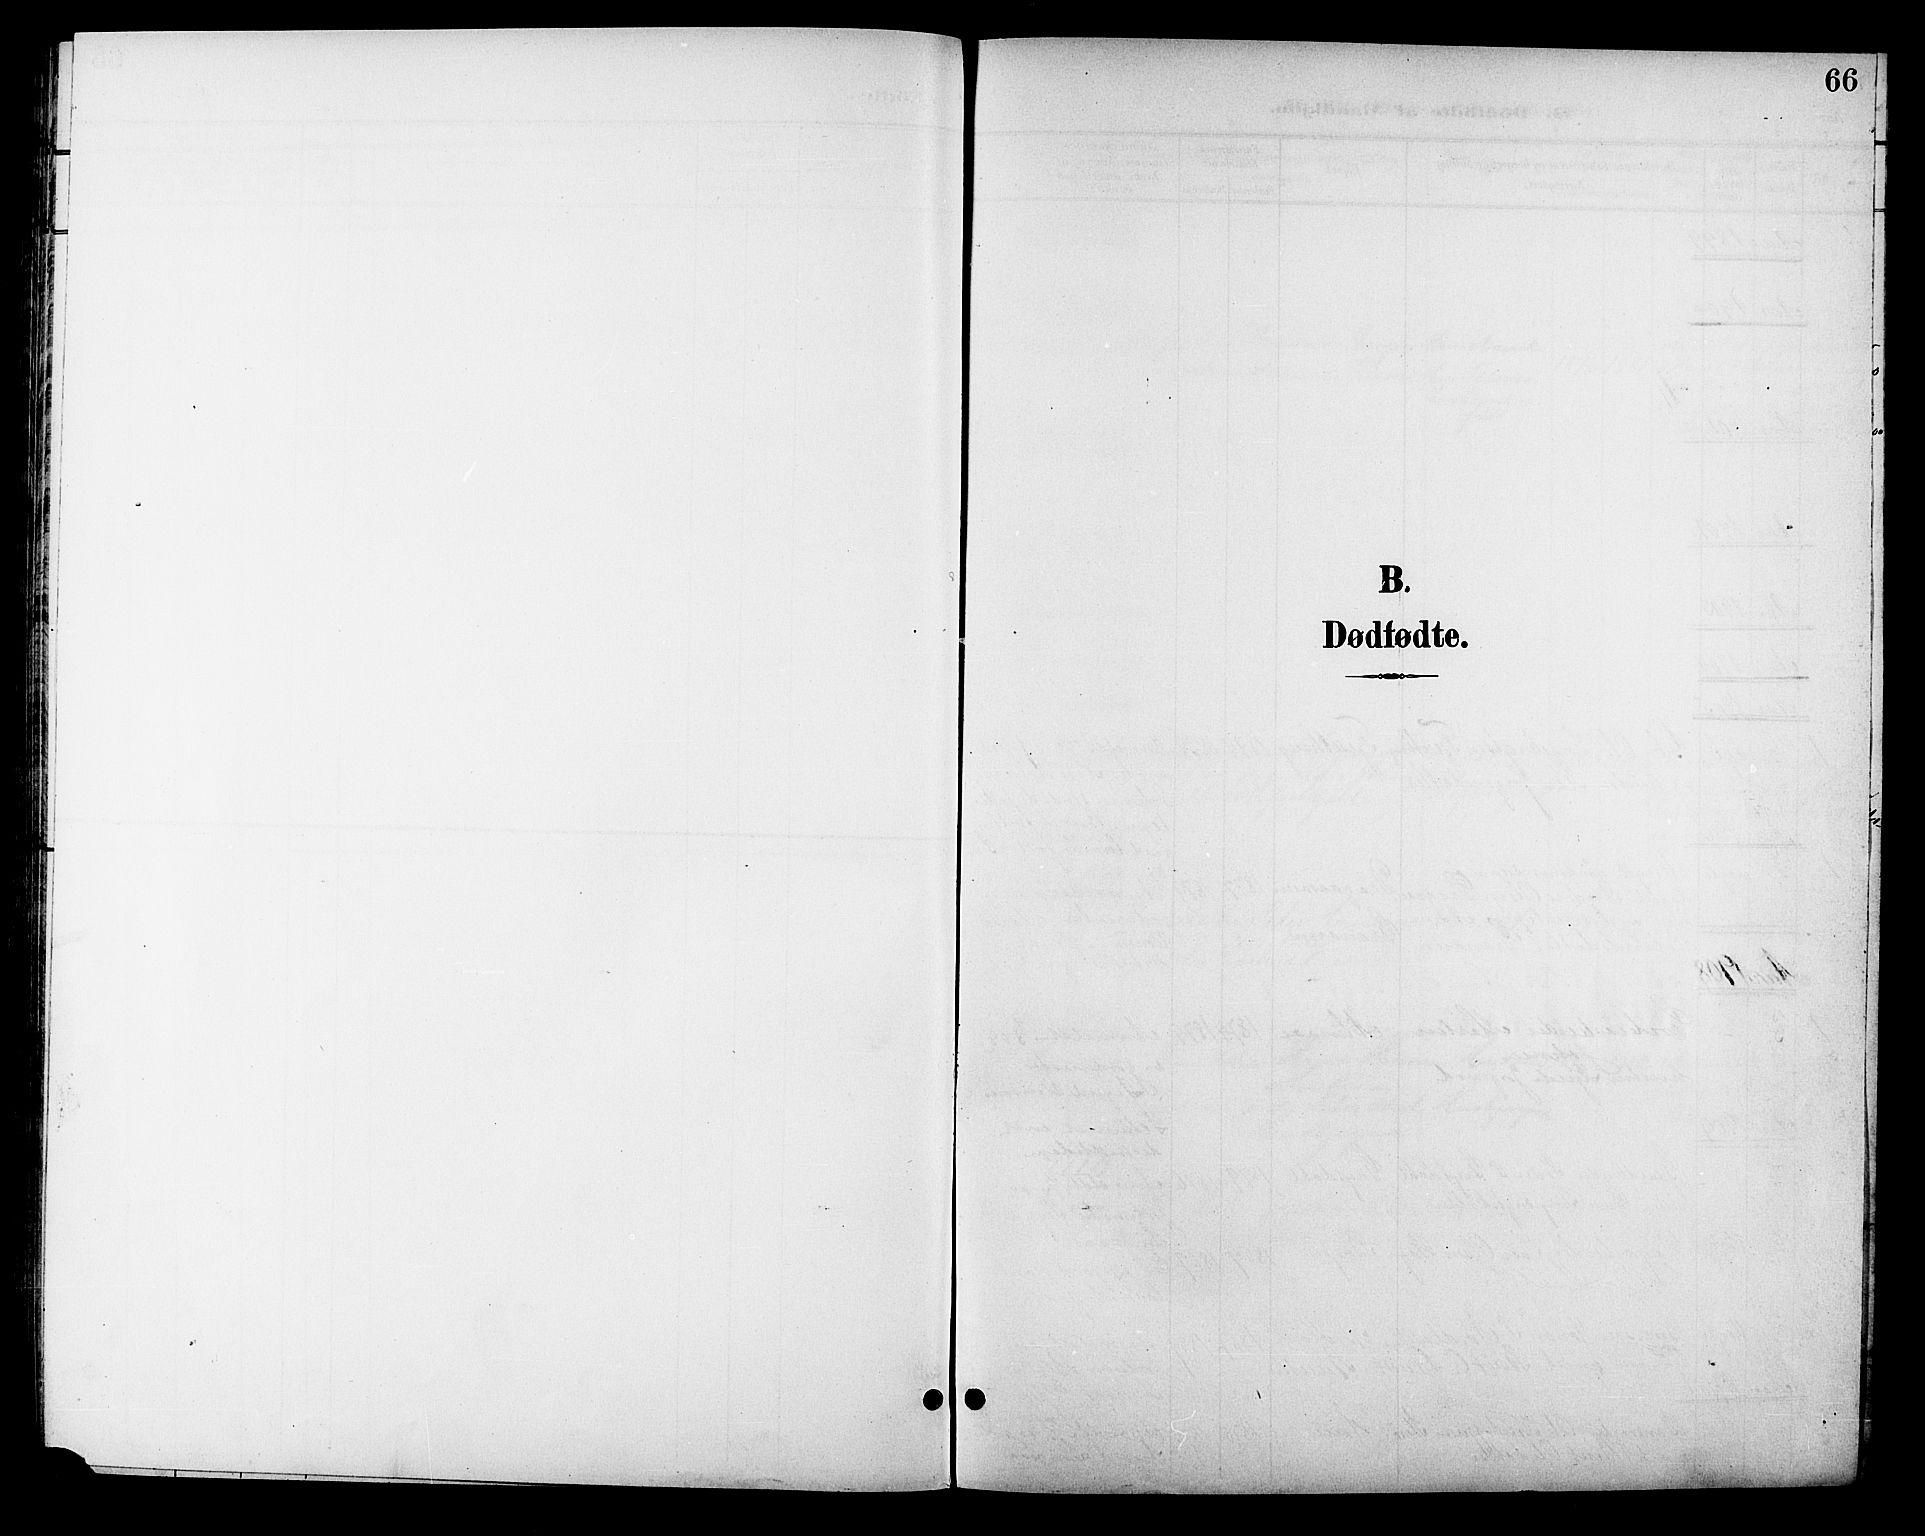 SAT, Ministerialprotokoller, klokkerbøker og fødselsregistre - Sør-Trøndelag, 688/L1029: Klokkerbok nr. 688C04, 1899-1915, s. 66